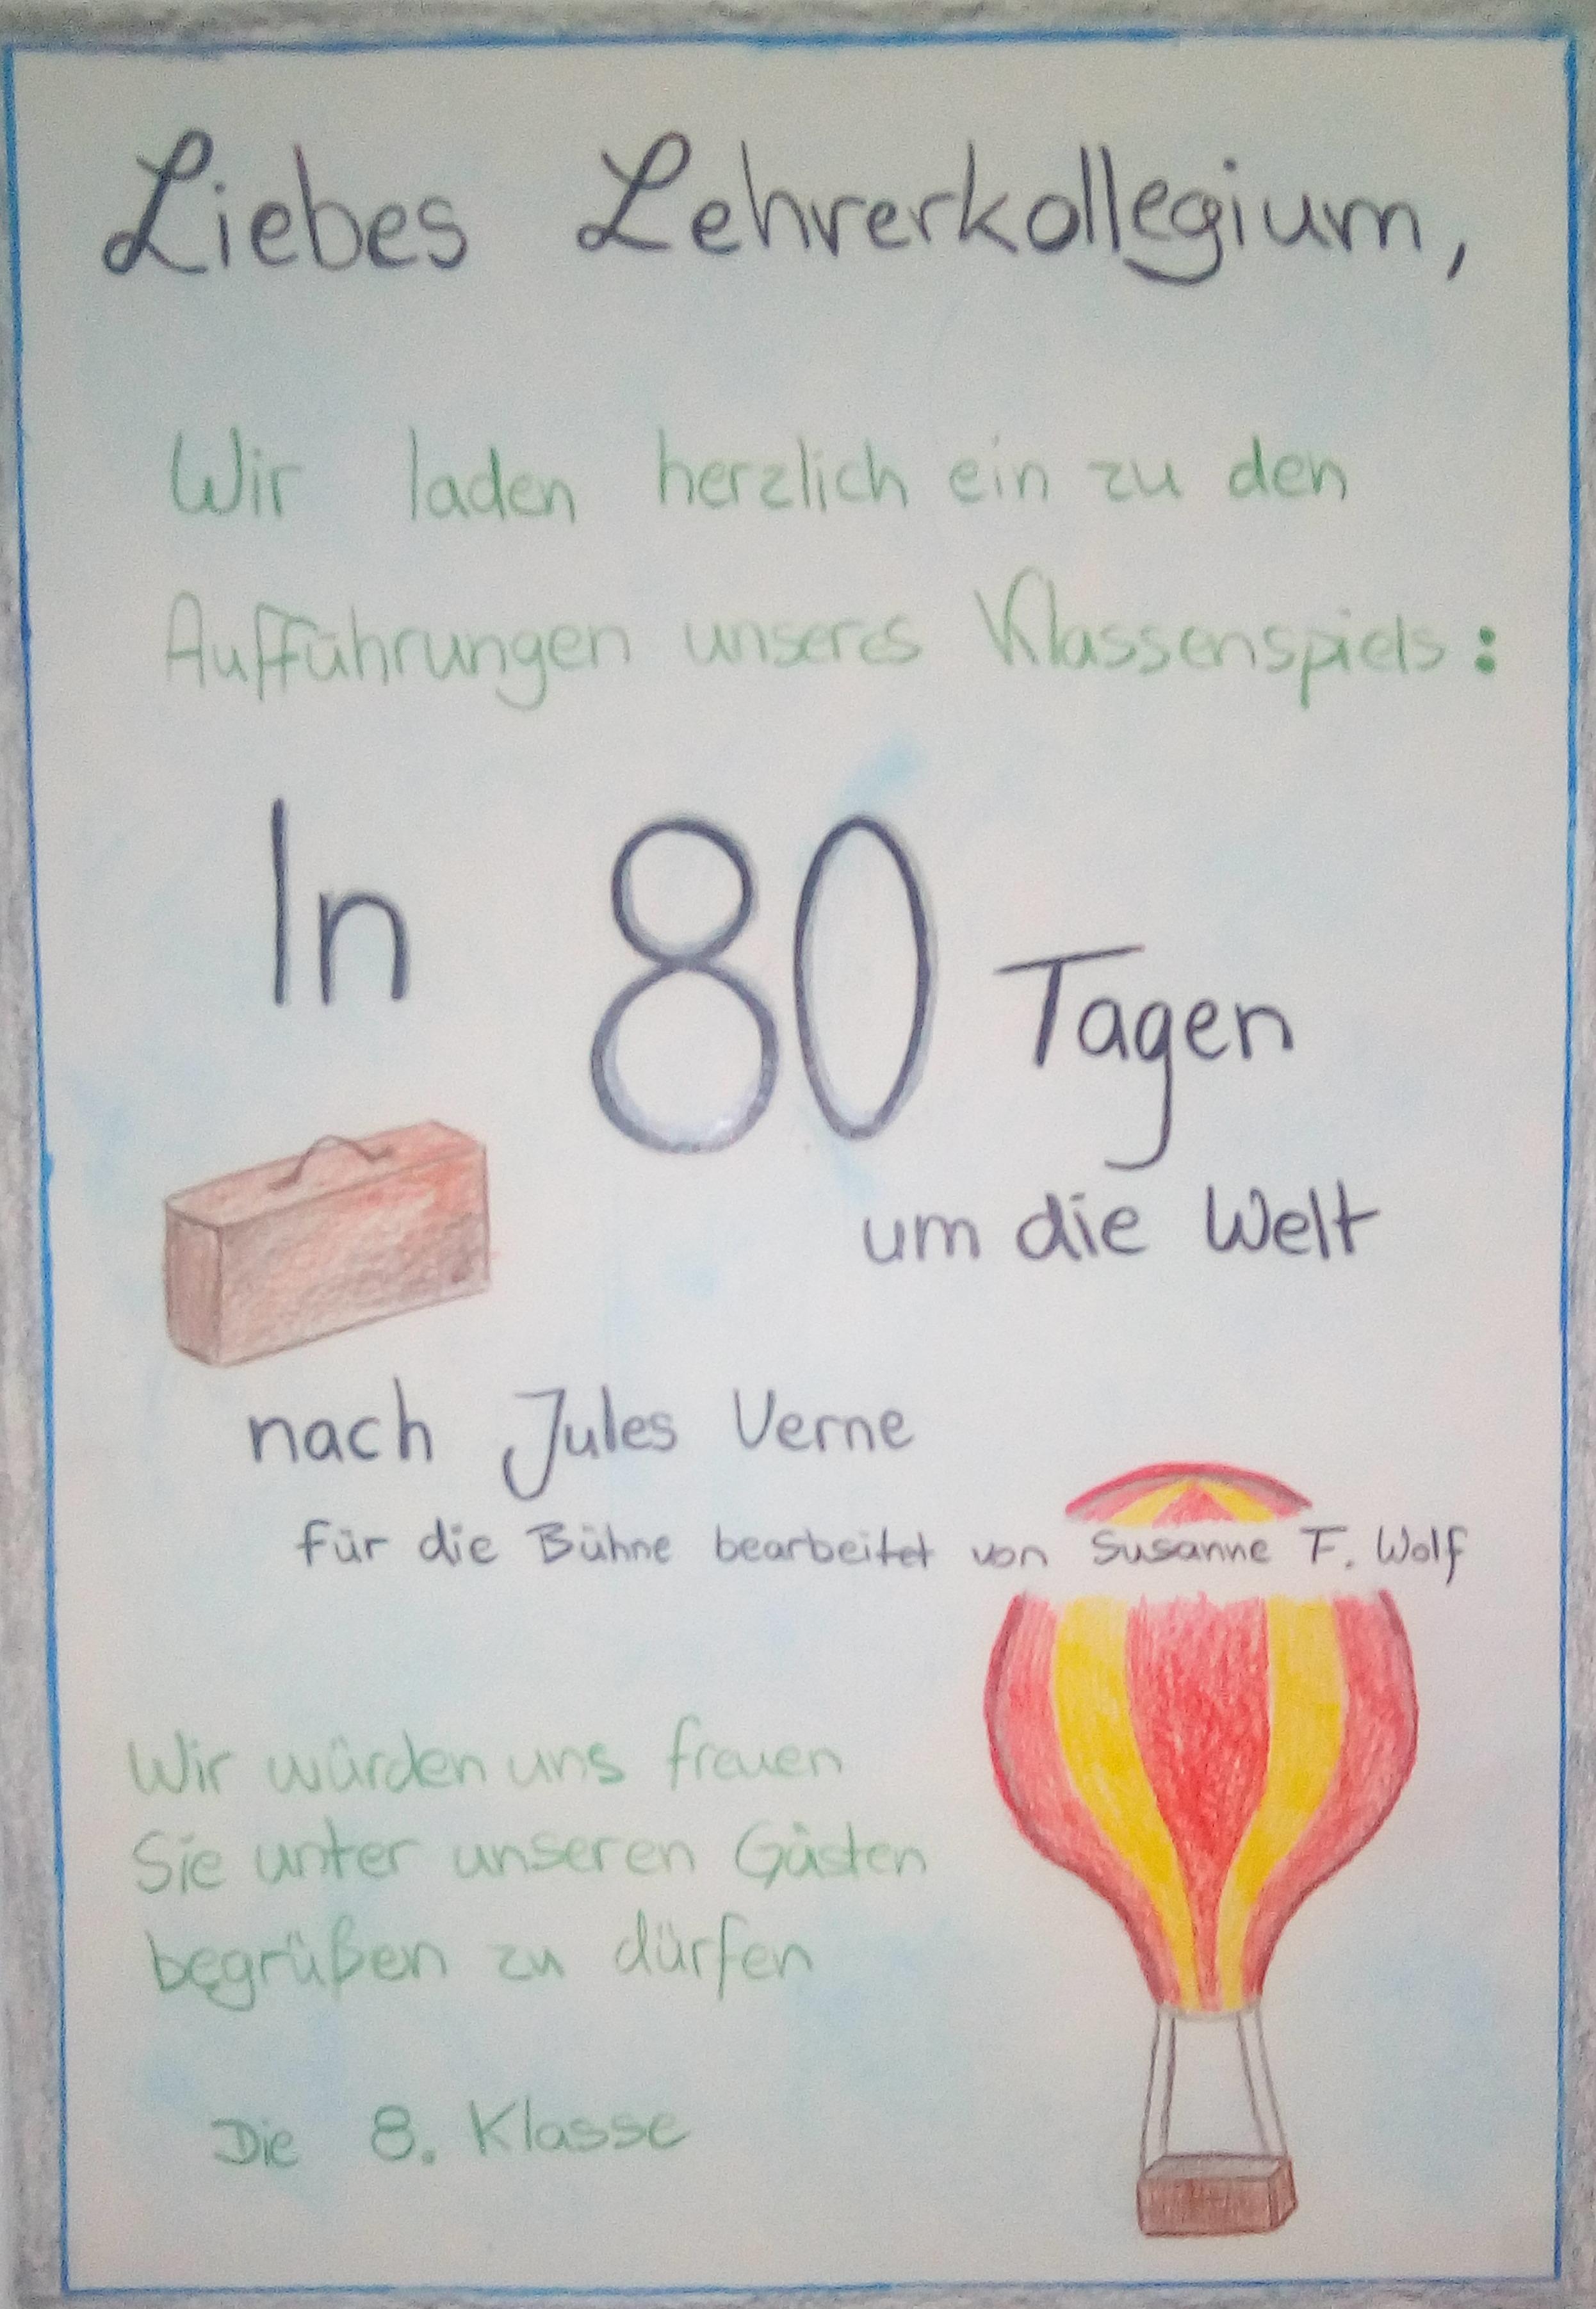 Klassenspiel 8 Klasse Spielt In 80 Tagen Um Die Welt Nach Jules